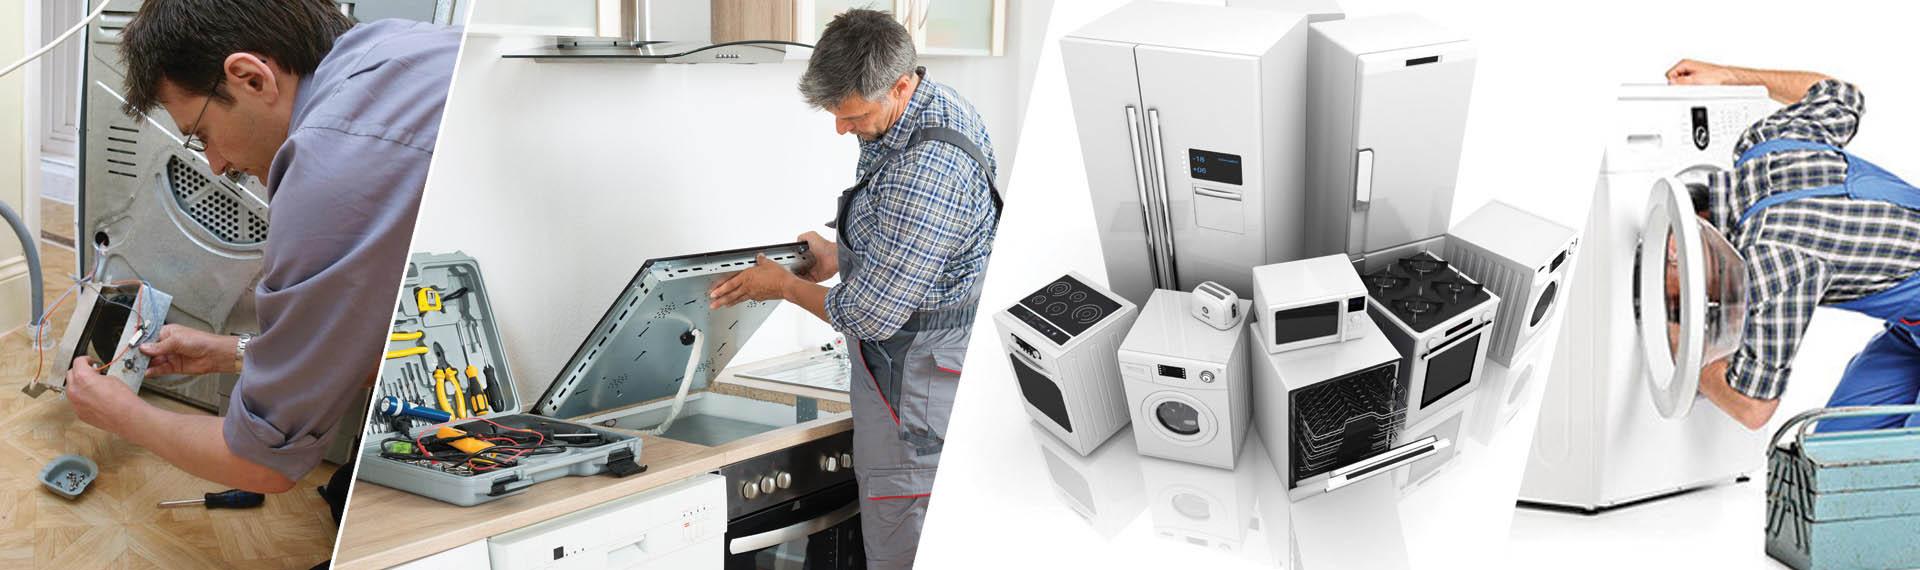 Teckrom Appliance Repair Penasquitos CA